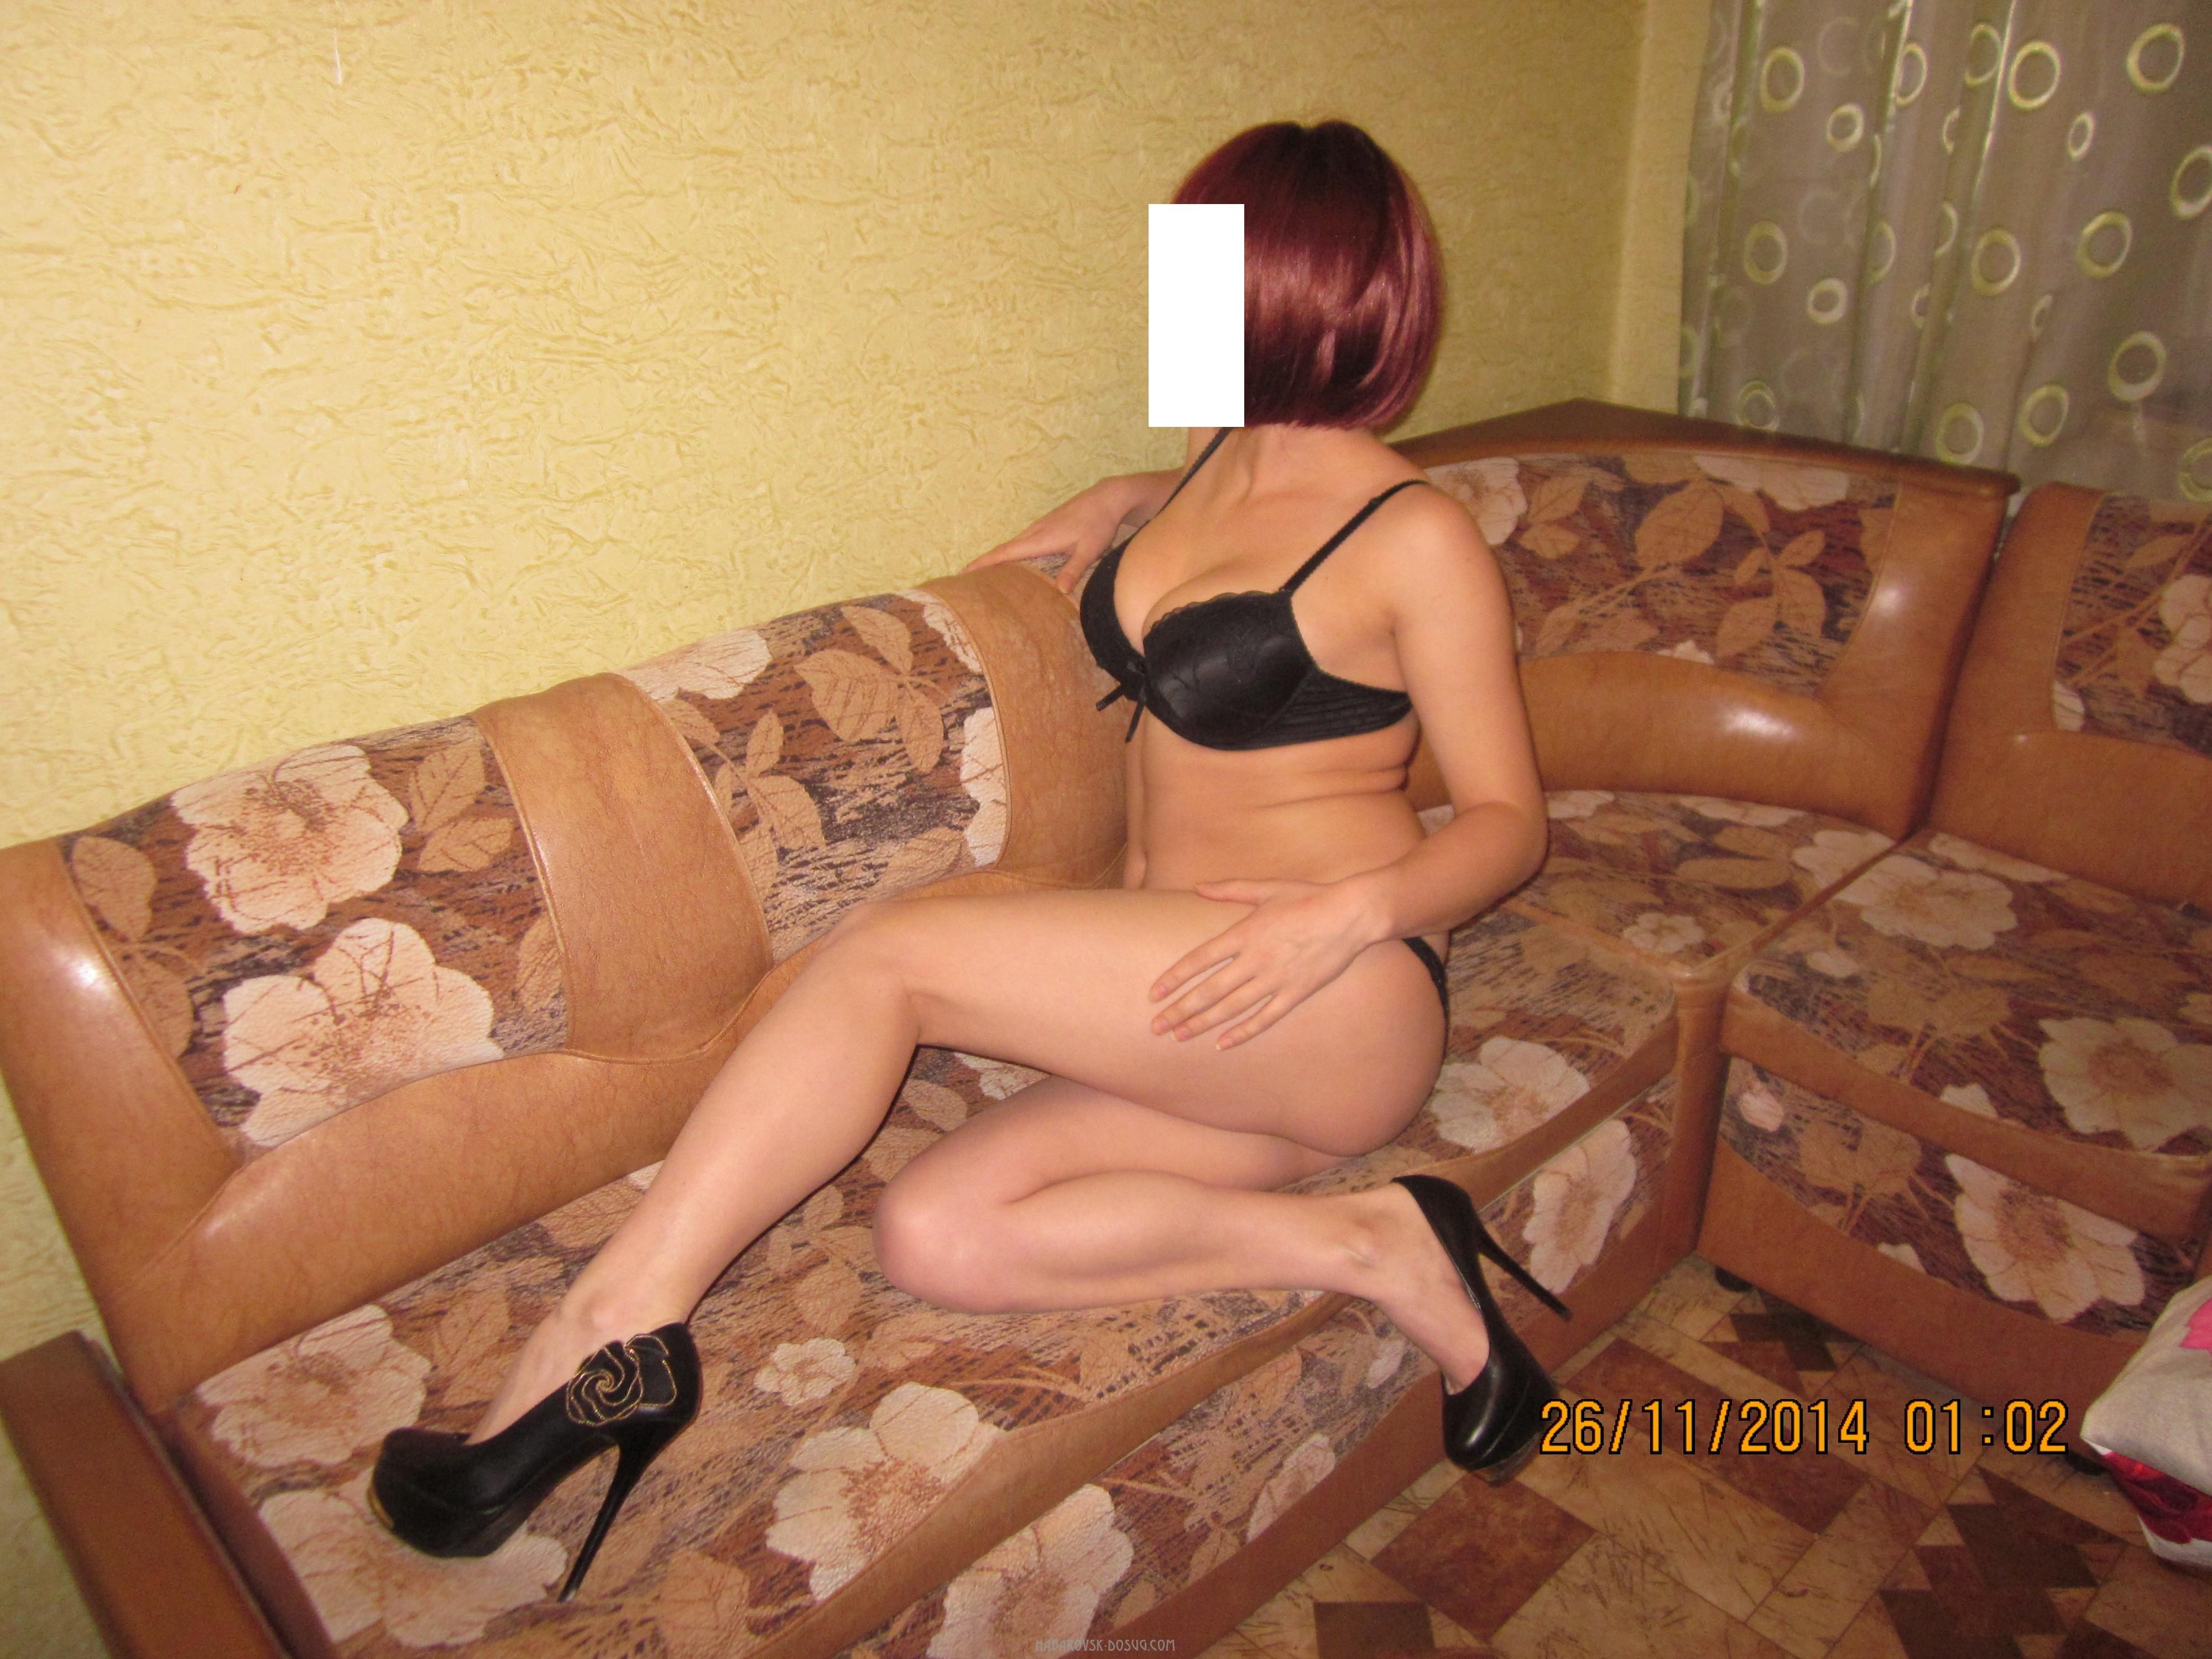 даже официально проститутки индивидуалки города хабаровск была